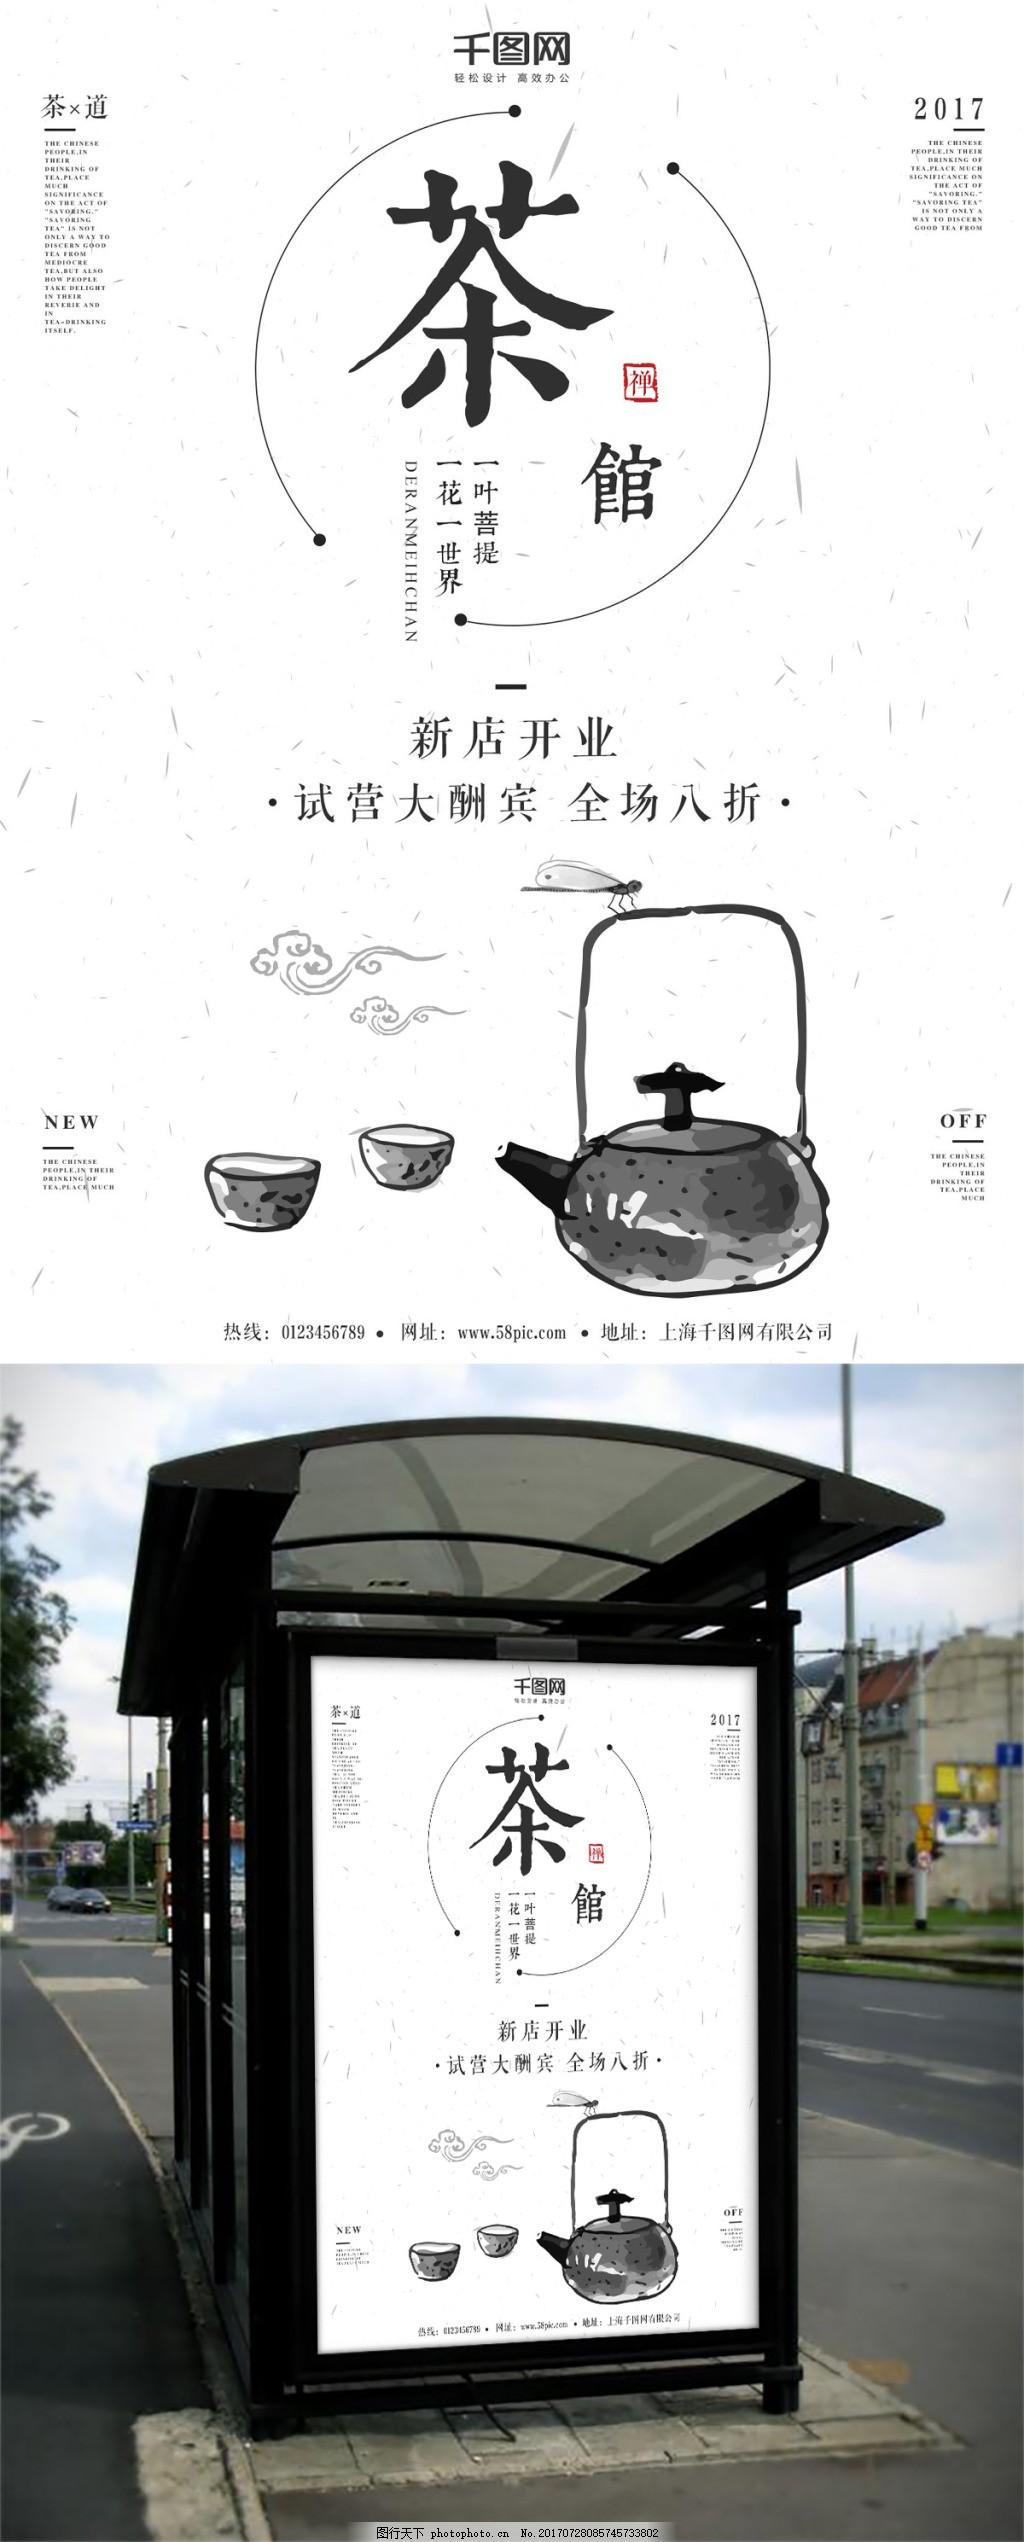 茶叶茶馆茶壶水墨中国风简约商业海报设计 茶文化 粗糙纸背景 线条云